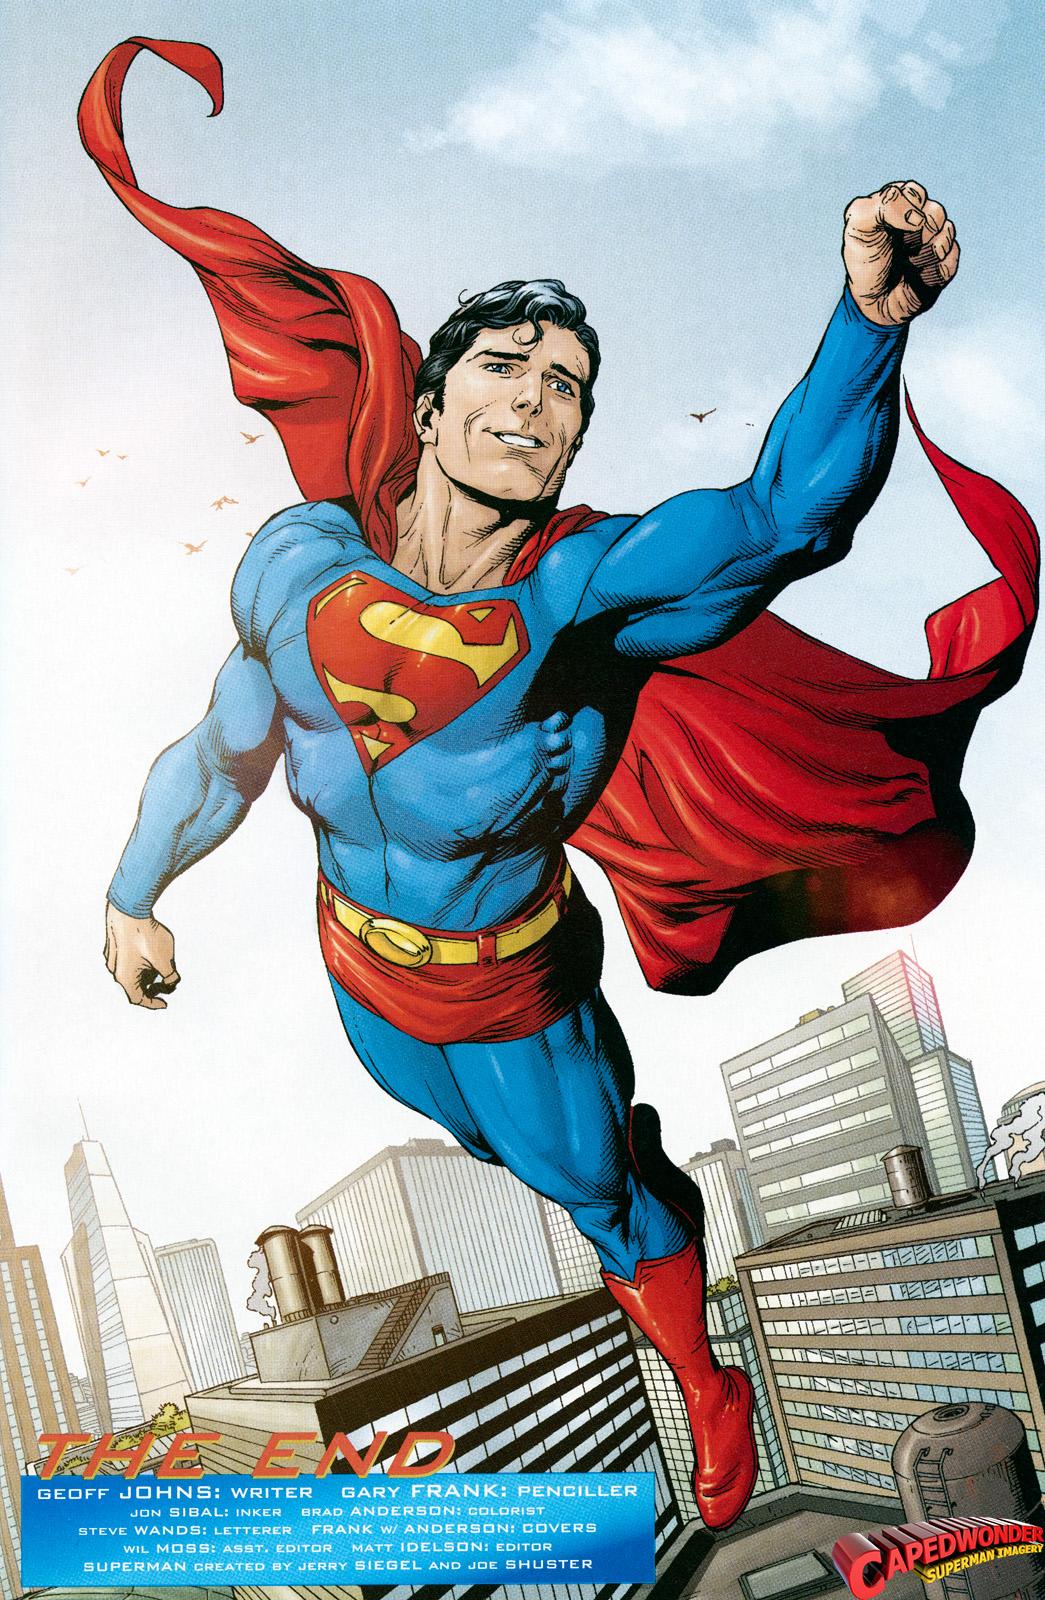 http://www.capedwonder.com/images/picture-folder/images/art-photos/CW-Superman-Secret-Origins-The-End.jpg